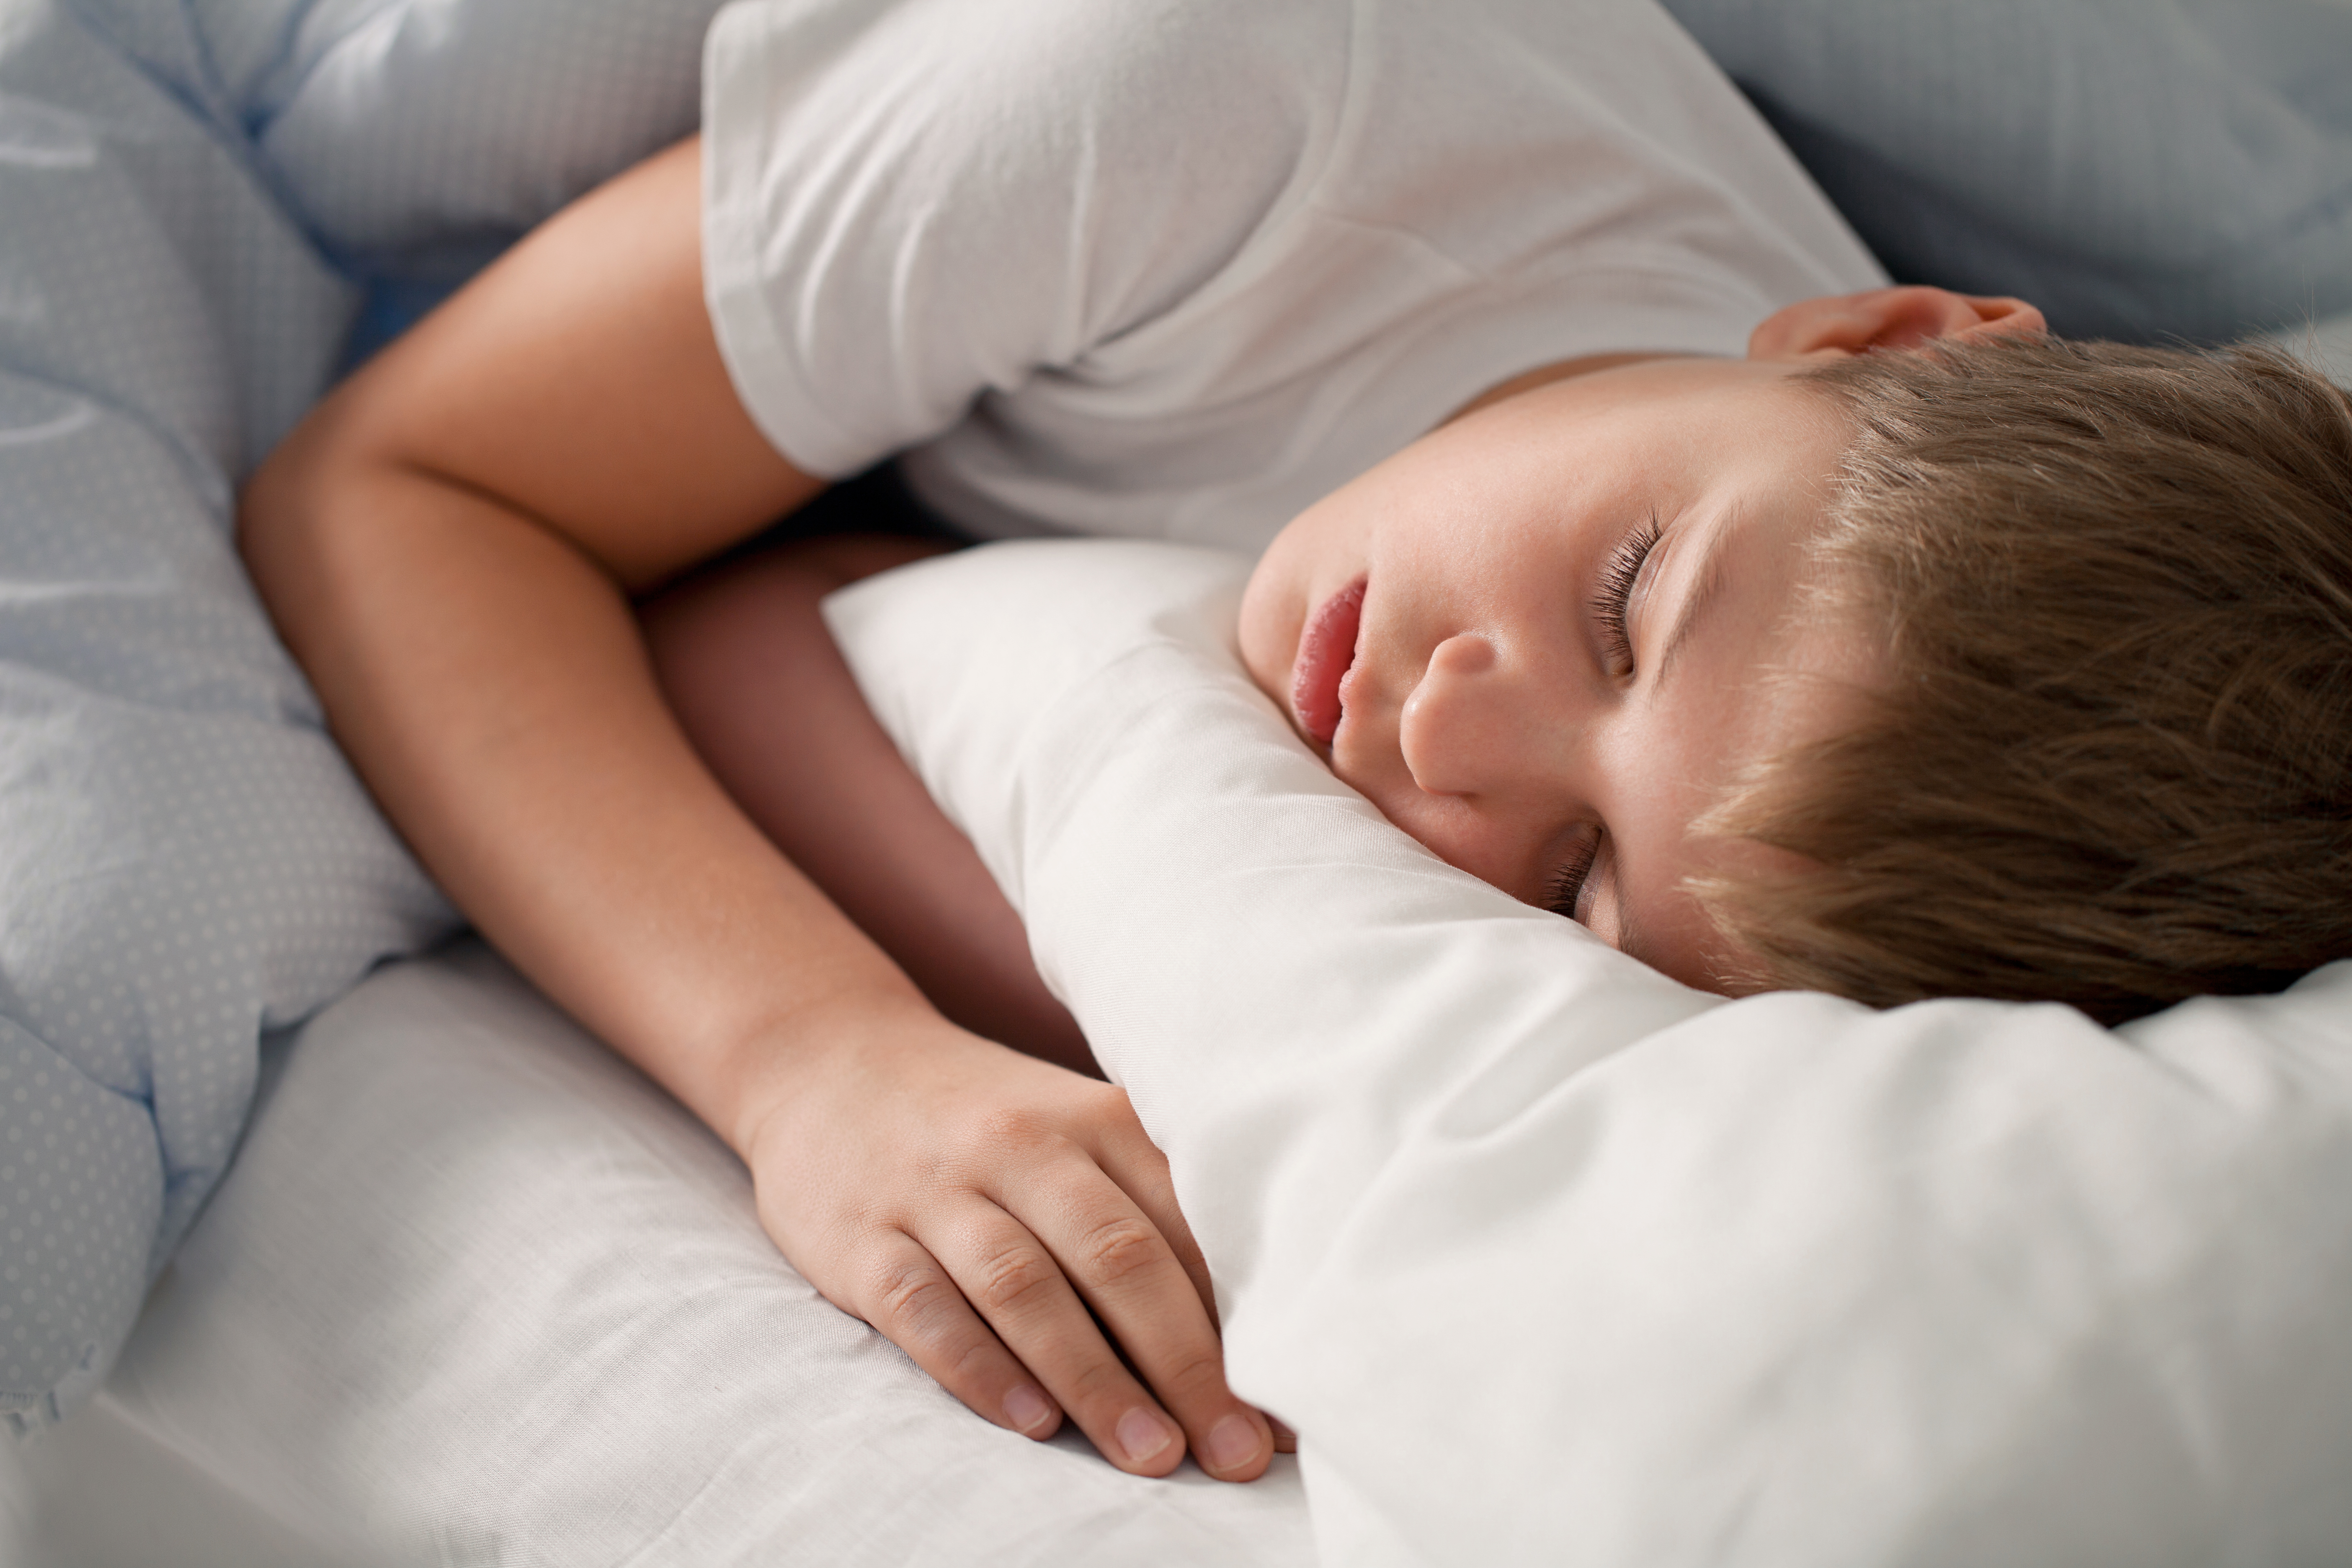 Förskrivningen av melatonin vid sömnsvårigheter har främst ökat hos pojkar 10-17 år.